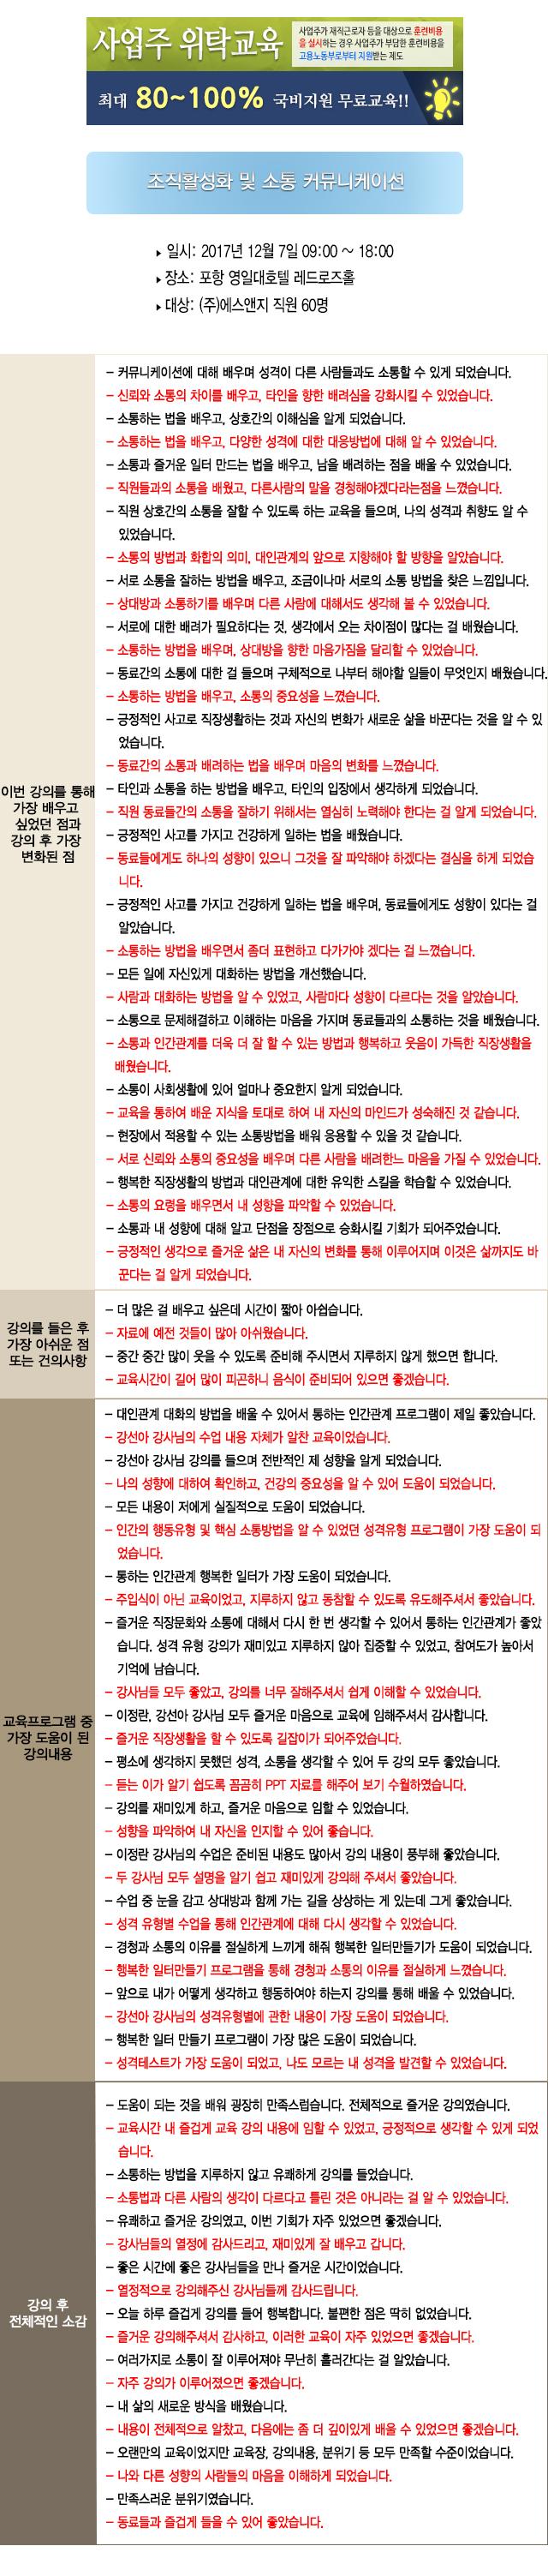 한국중앙인재개발원 후기 에스앤지A.jpg